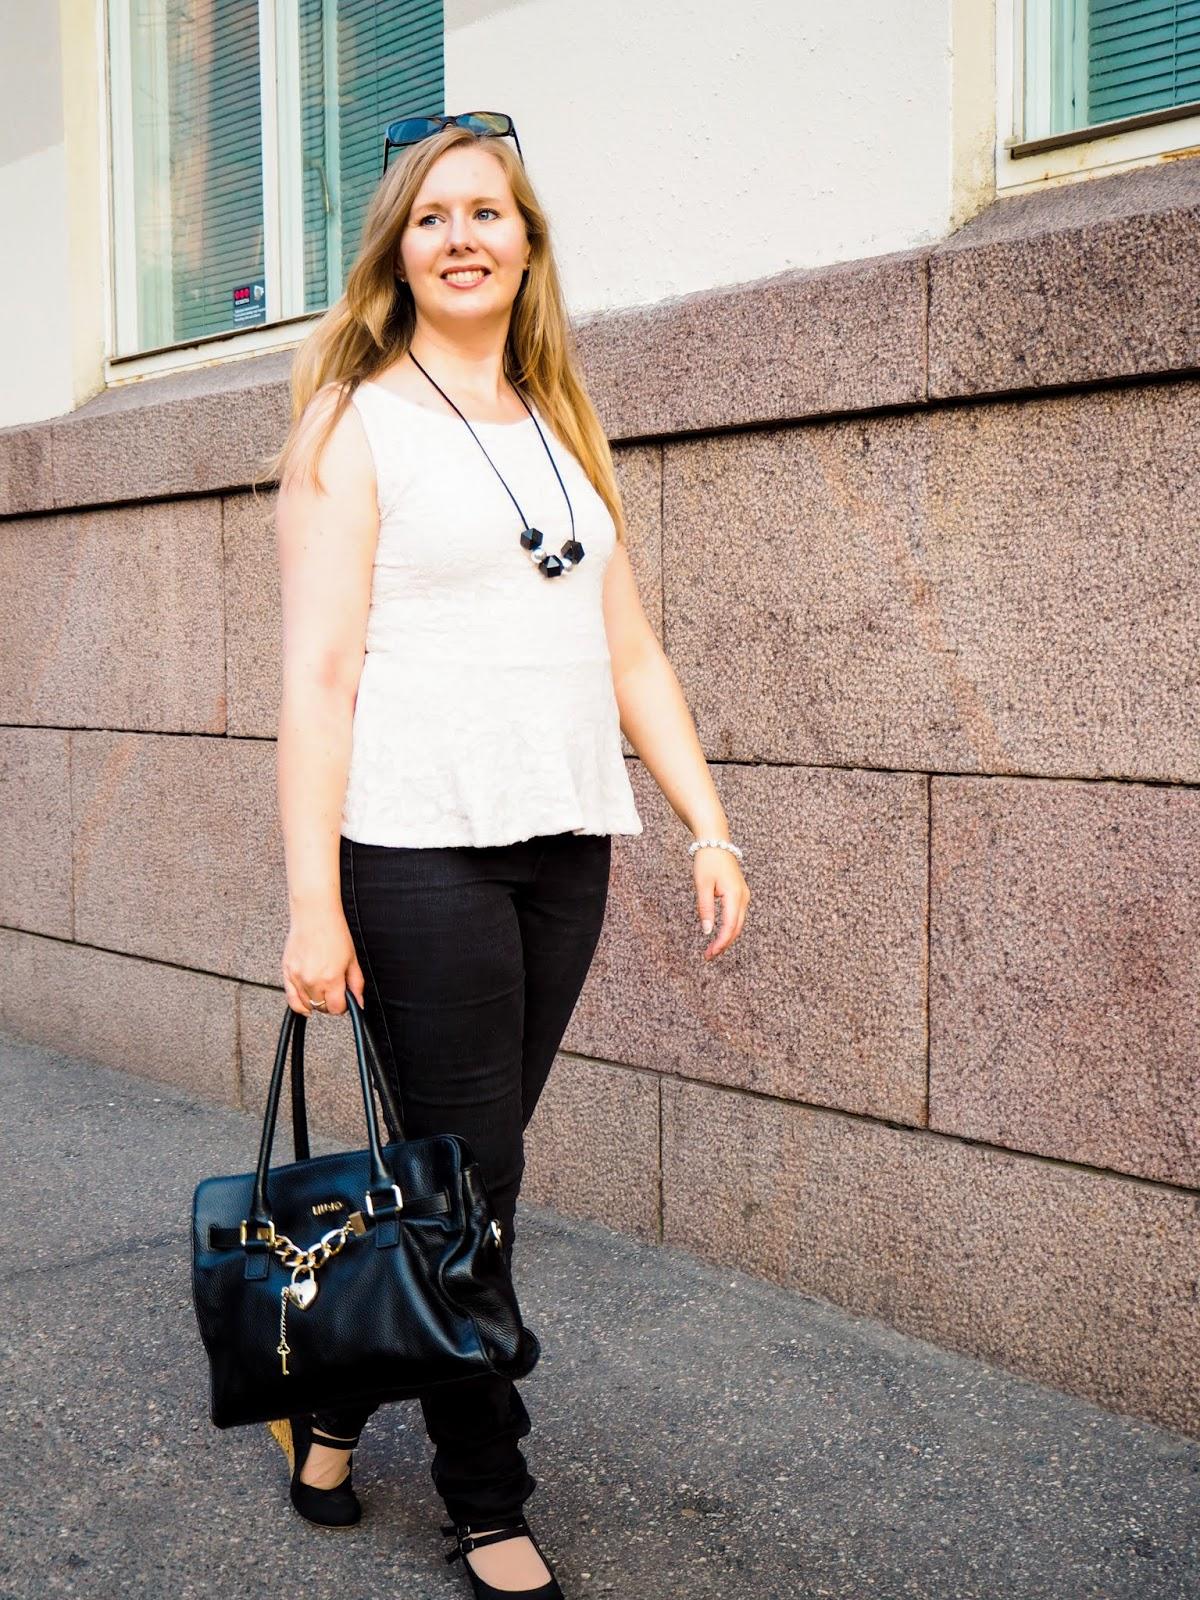 Saippuakuplia olohuoneessa blogi, kuva Mikko Poikkilehto, Hanna Poikkilehto, oma tyyli, kauneus, Lifestyle, my style, street style, outfit, Liu Jo, Helsinki, MioSa, Design,